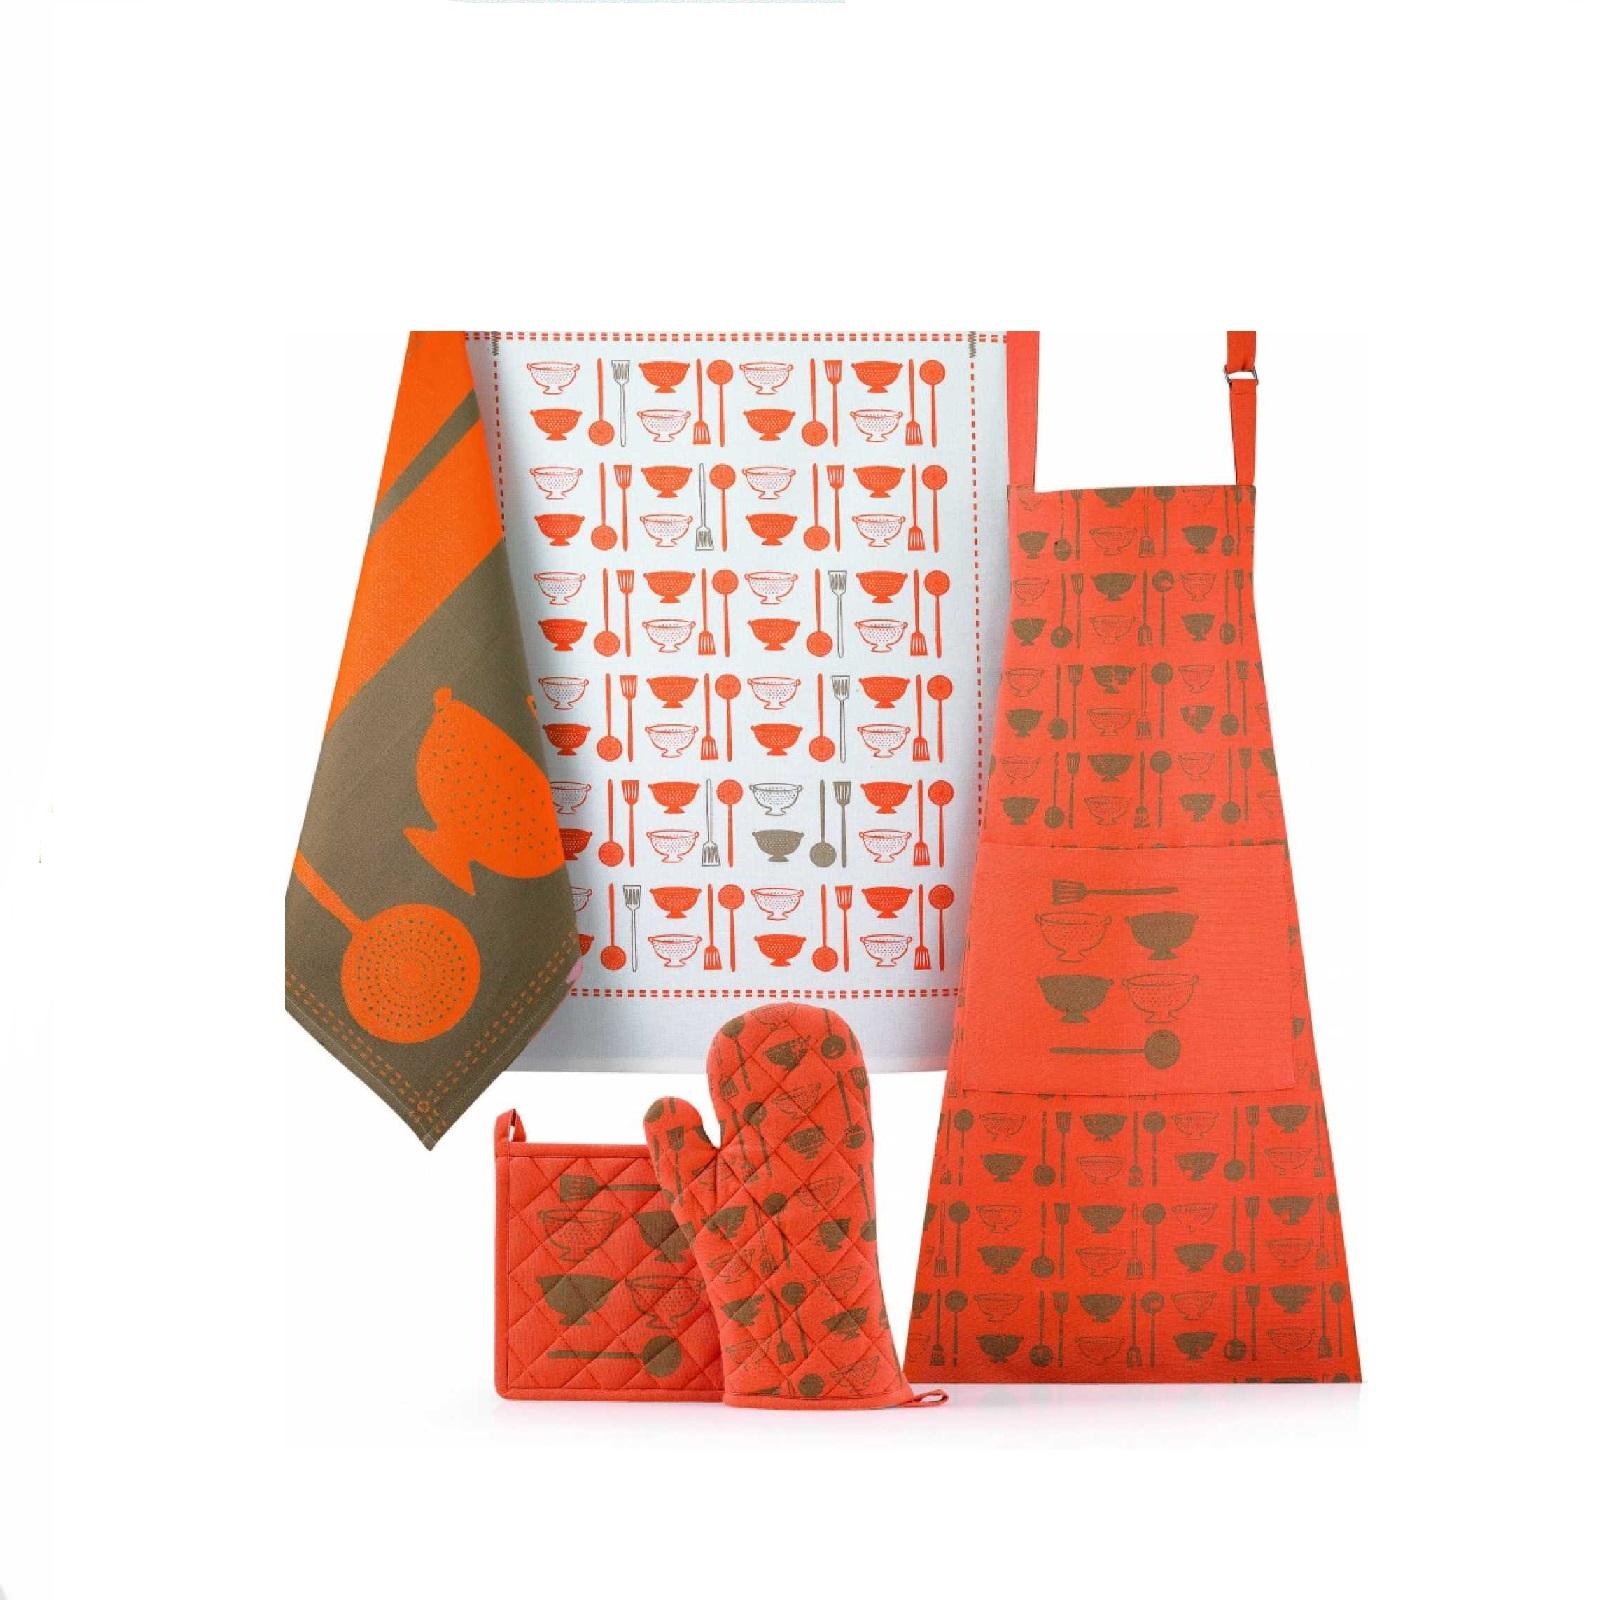 Полотенце кухонное Winkler FANTASY ORANGE, 50х70 см, оранжевый Winkler 6438090000 фото 1